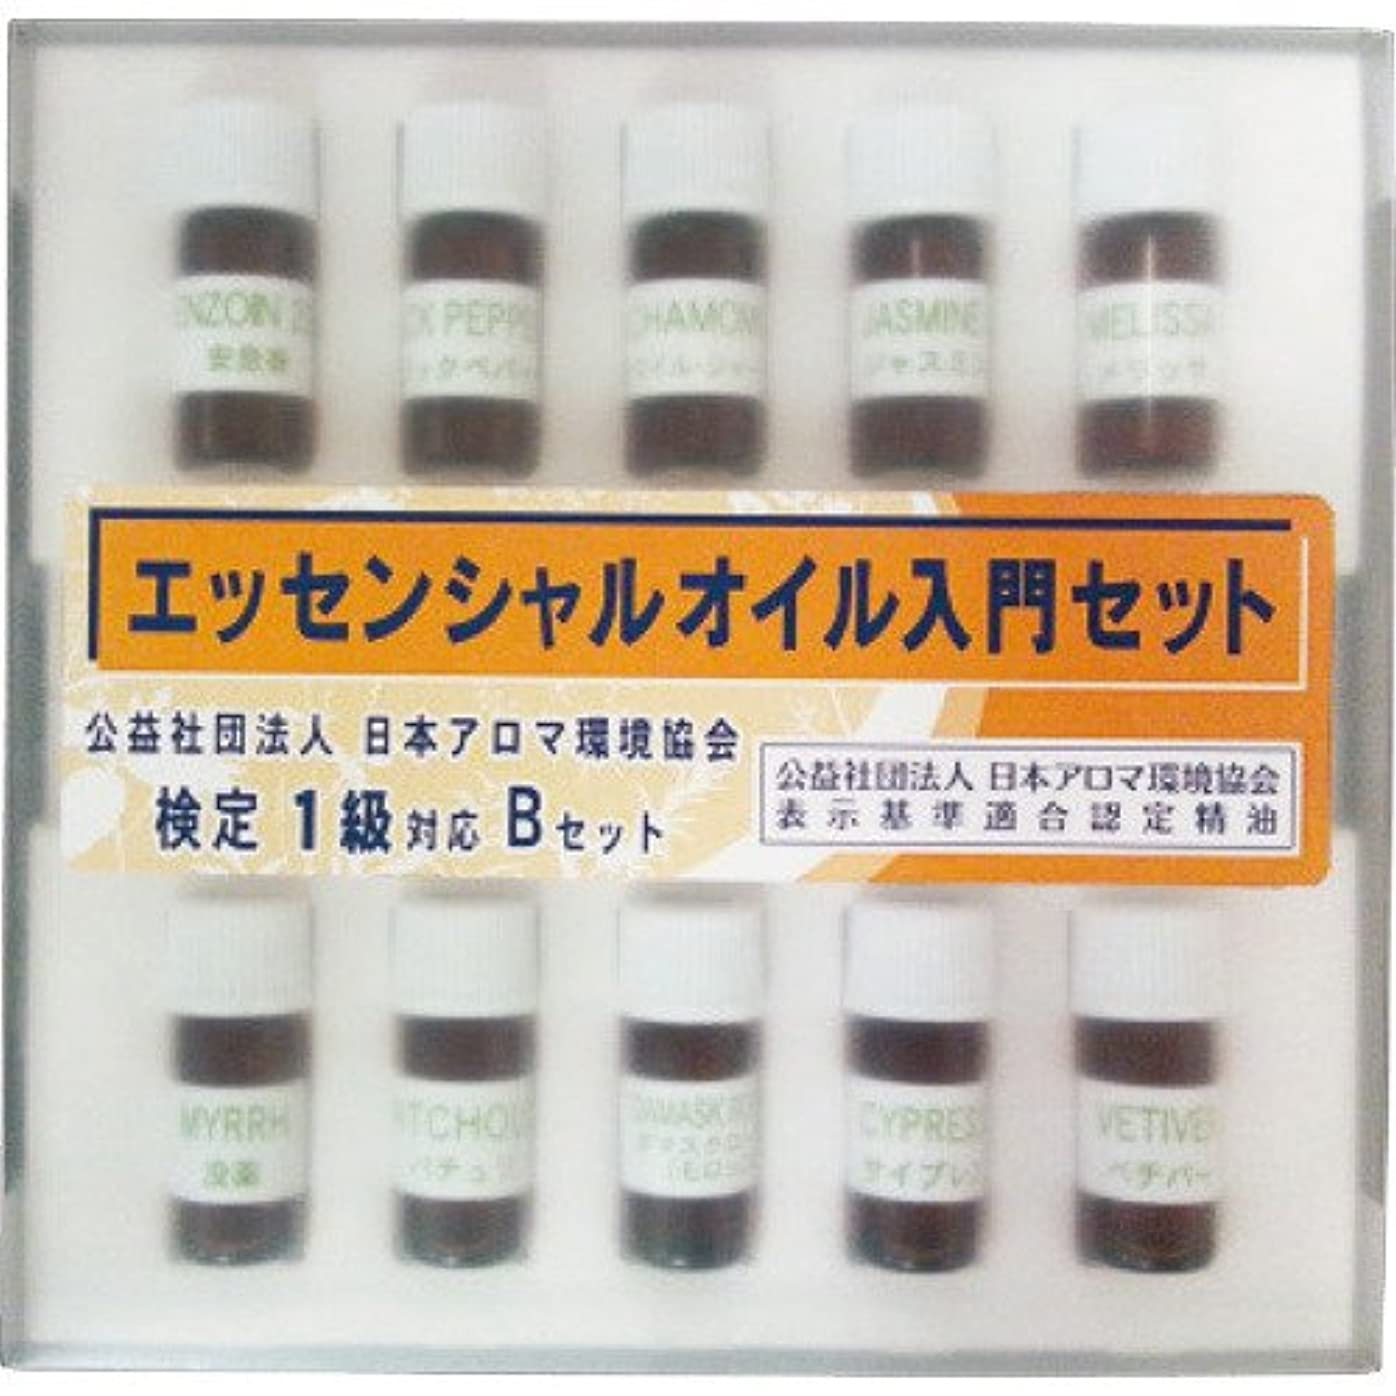 想起マラウイテープ生活の木 エッセンシャルオイル入門 検定1級対応Bセット 癒し用品 アロマオイル?精油 エッセンシャルオイル [並行輸入品]